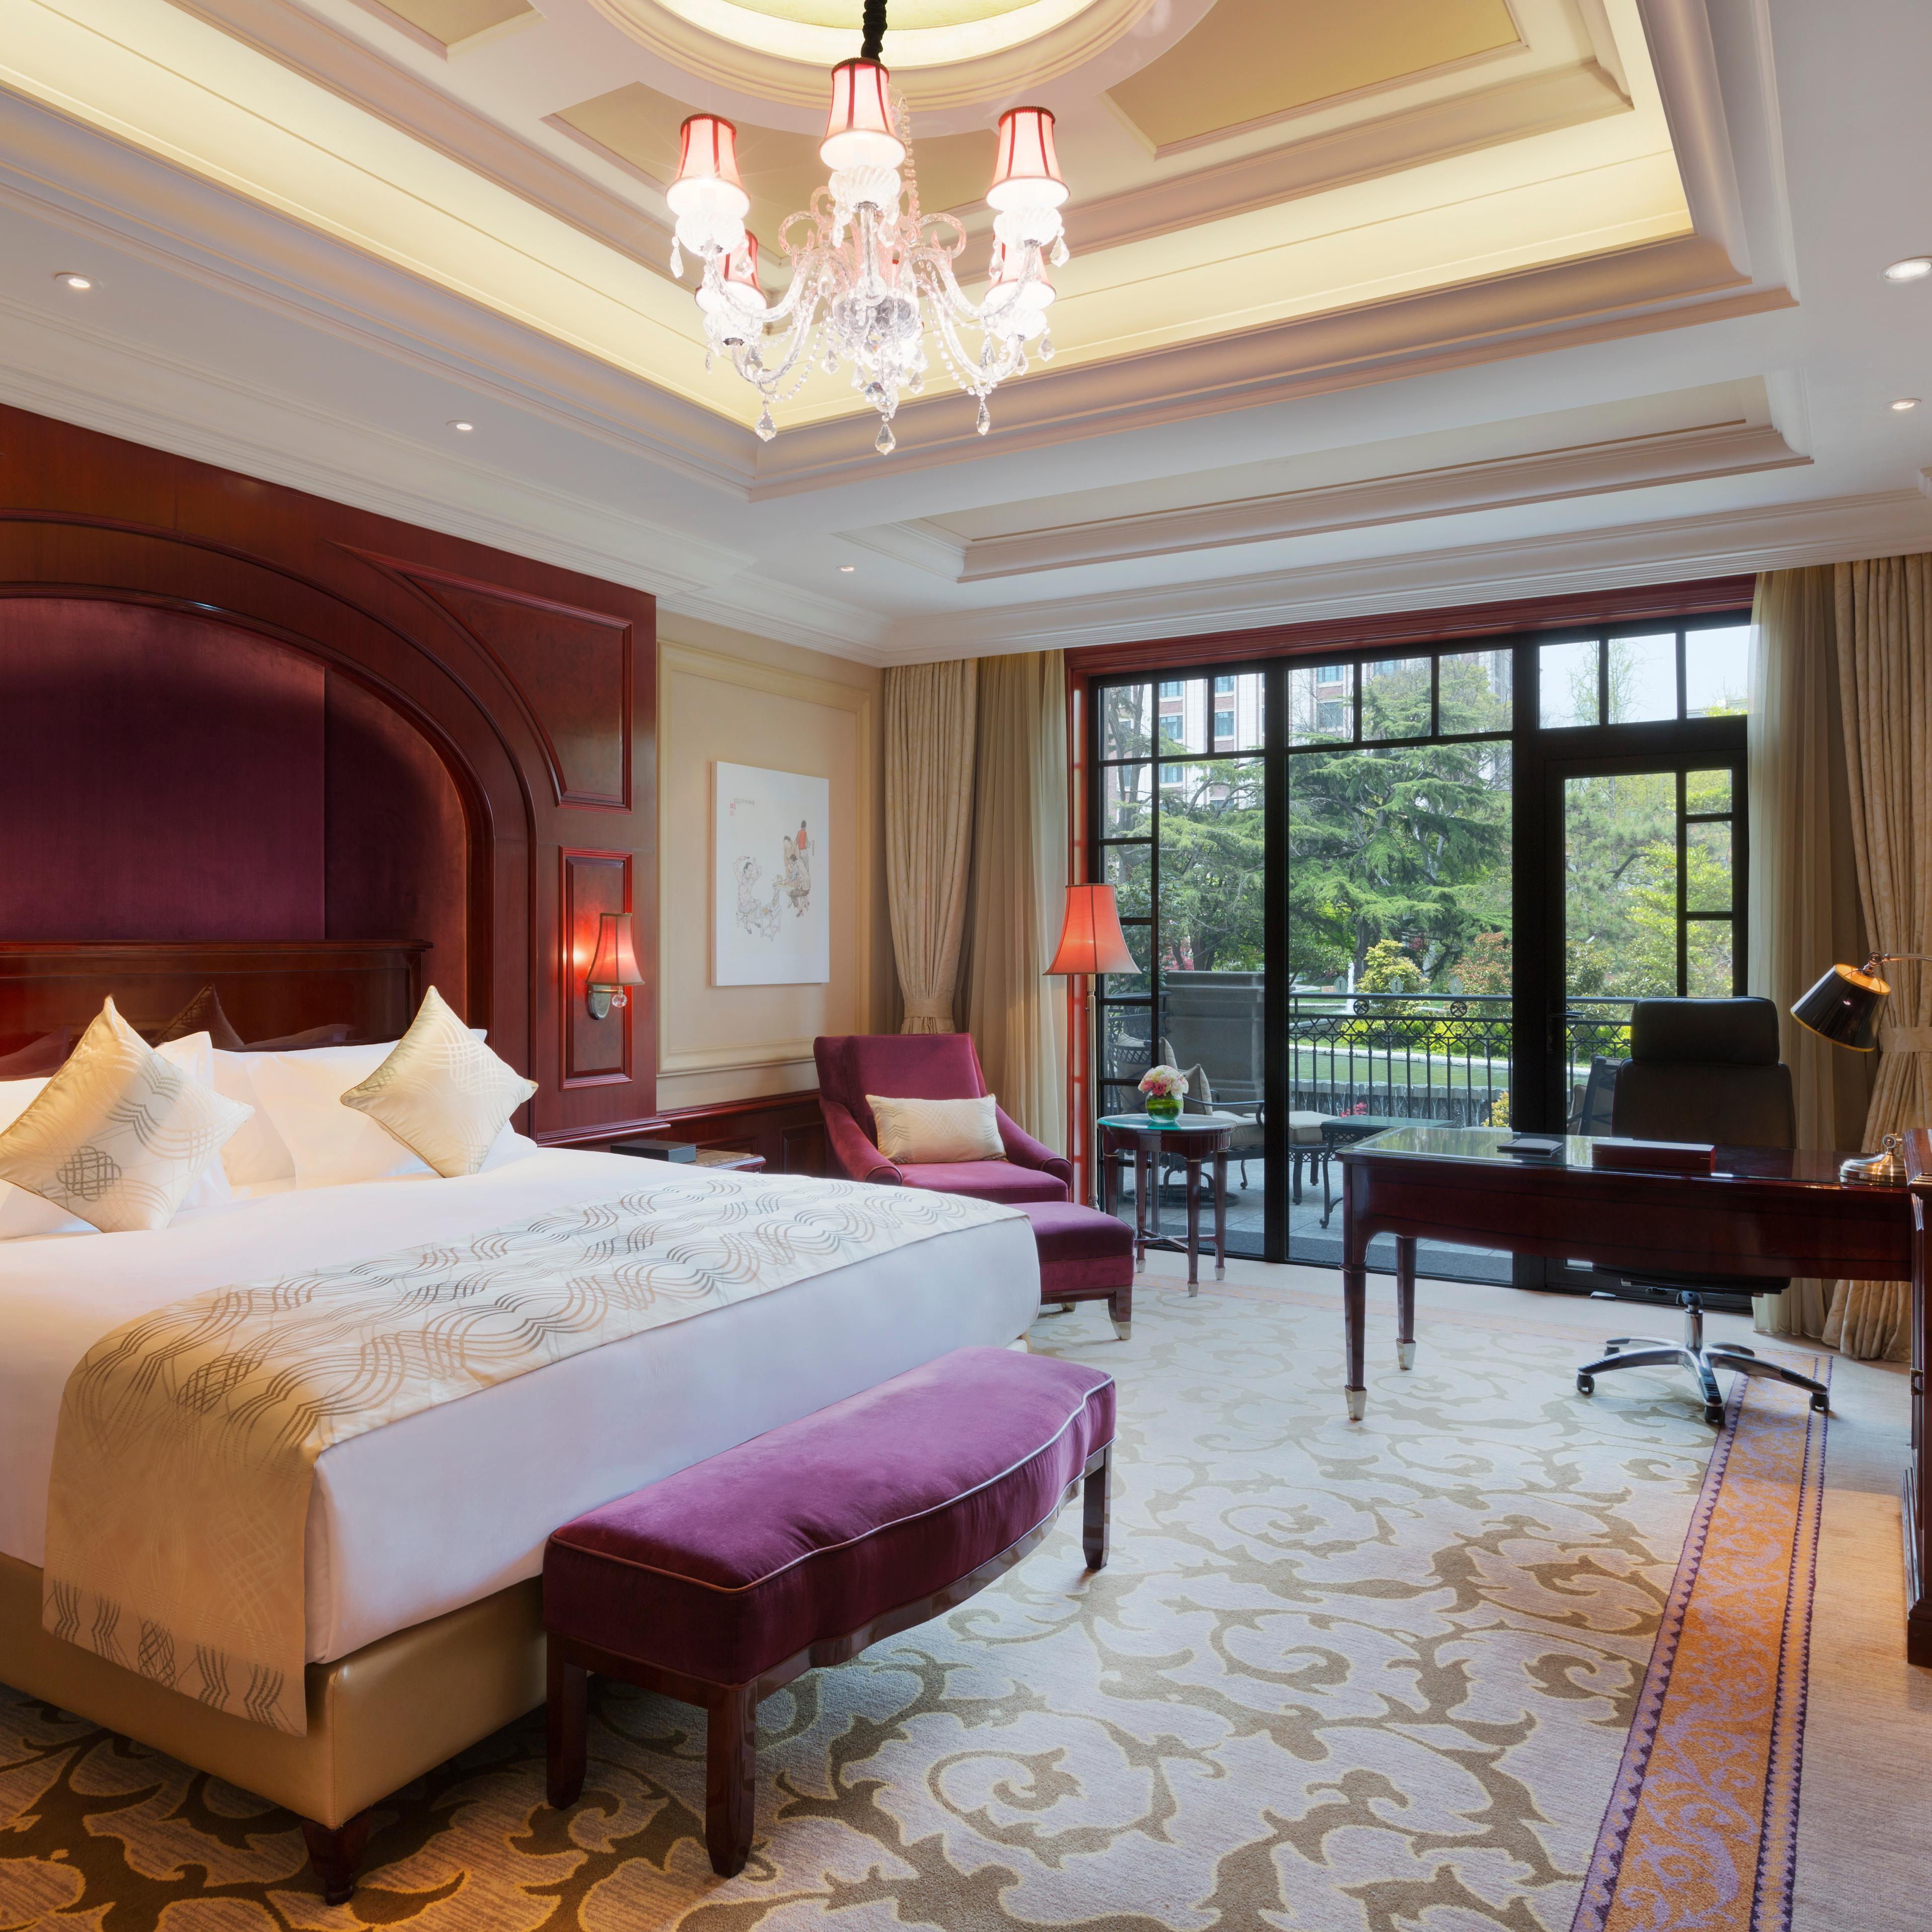 Gästezimmer modern luxus  InterContinental Shanghai Ruijin - Luxushotels in Shanghai, China ...